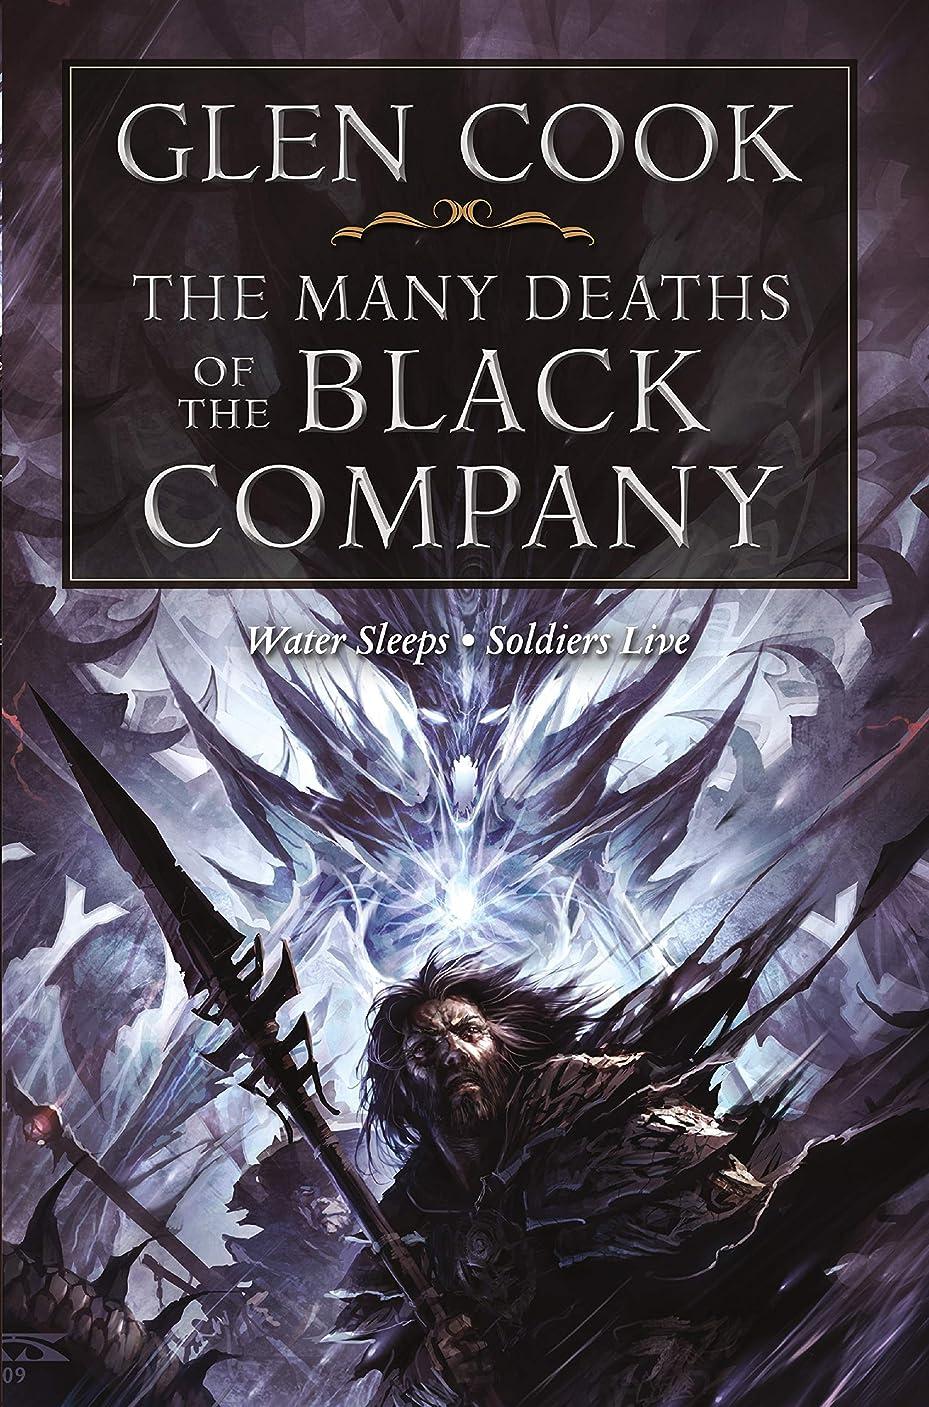 役職コンパイルちょうつがいThe Many Deaths of the Black Company (Chronicle of the Black Company)